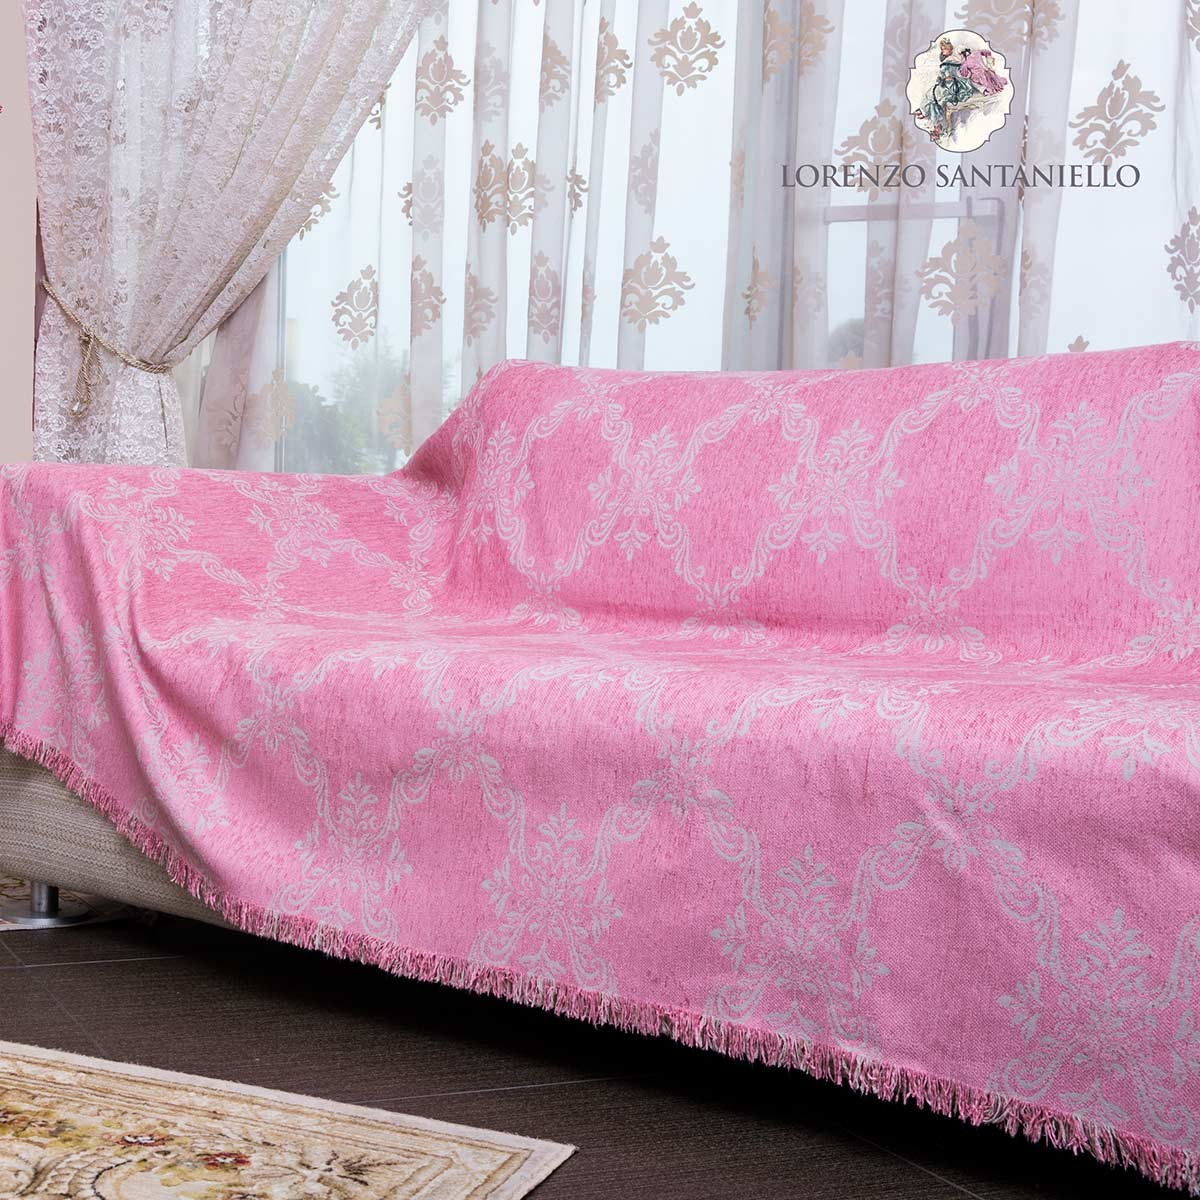 Ριχτάρι Τριθέσιου (180x300) Lorenzo Santaniello Baroque Pink